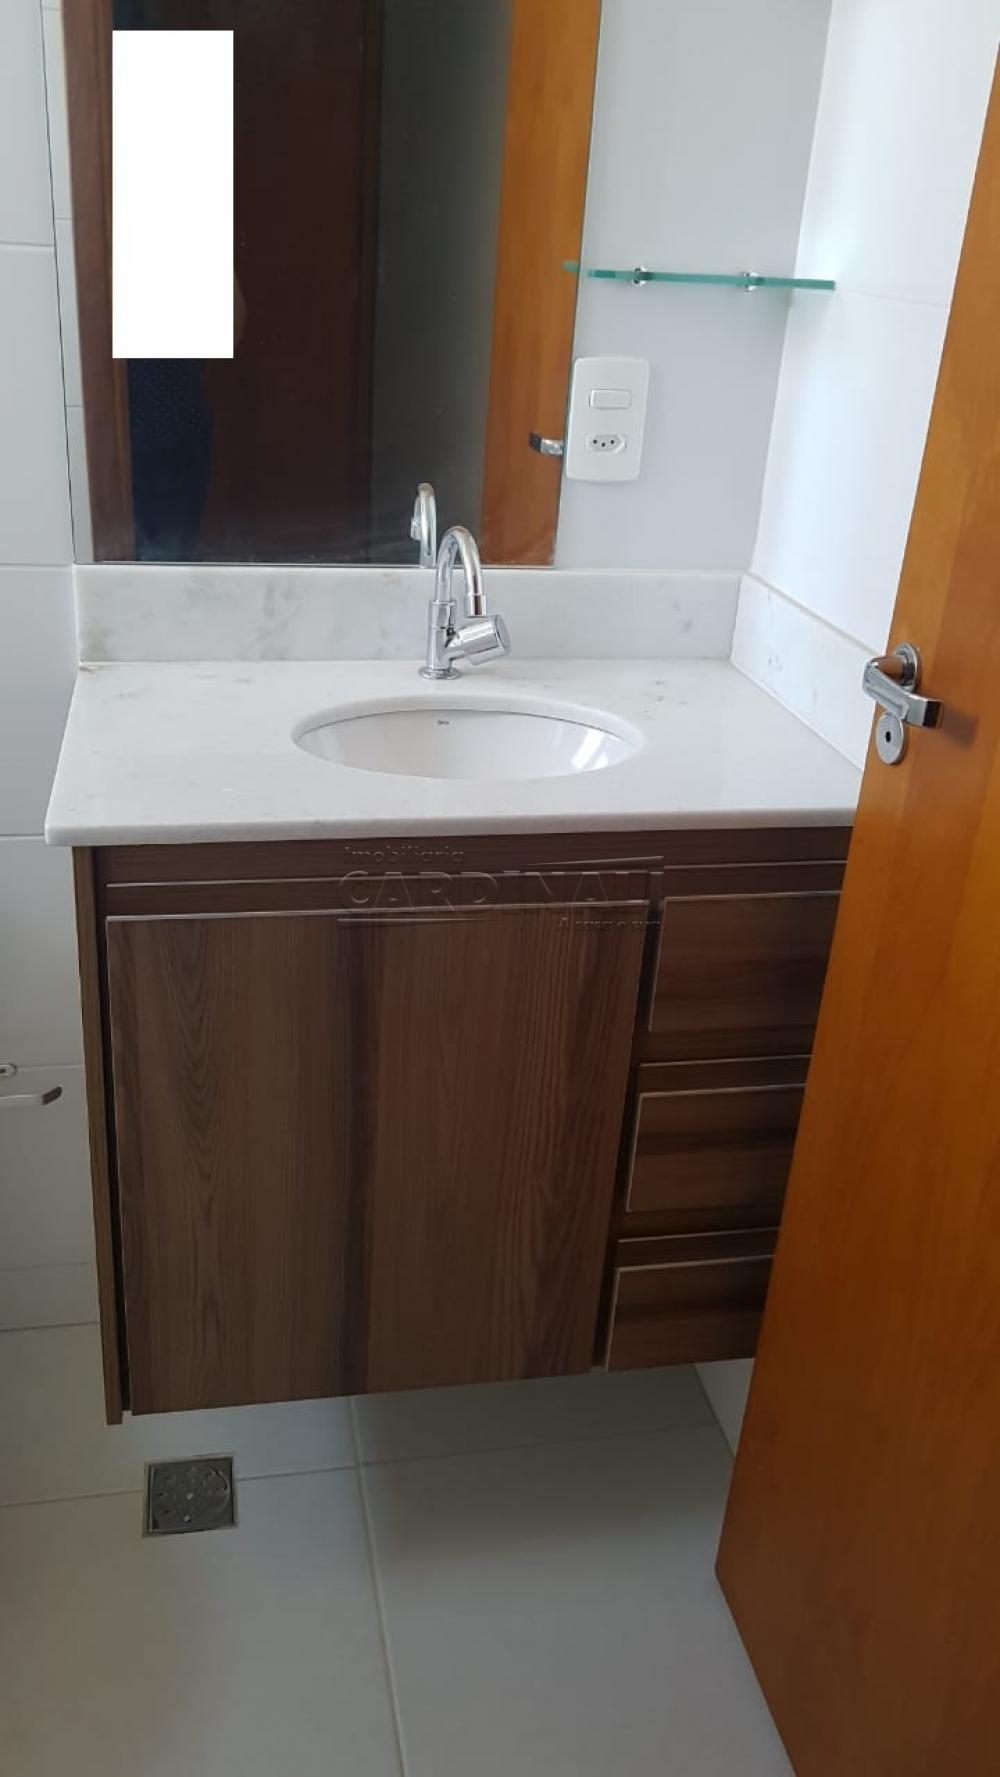 Alugar Apartamento / Padrão em São Carlos R$ 2.112,00 - Foto 19